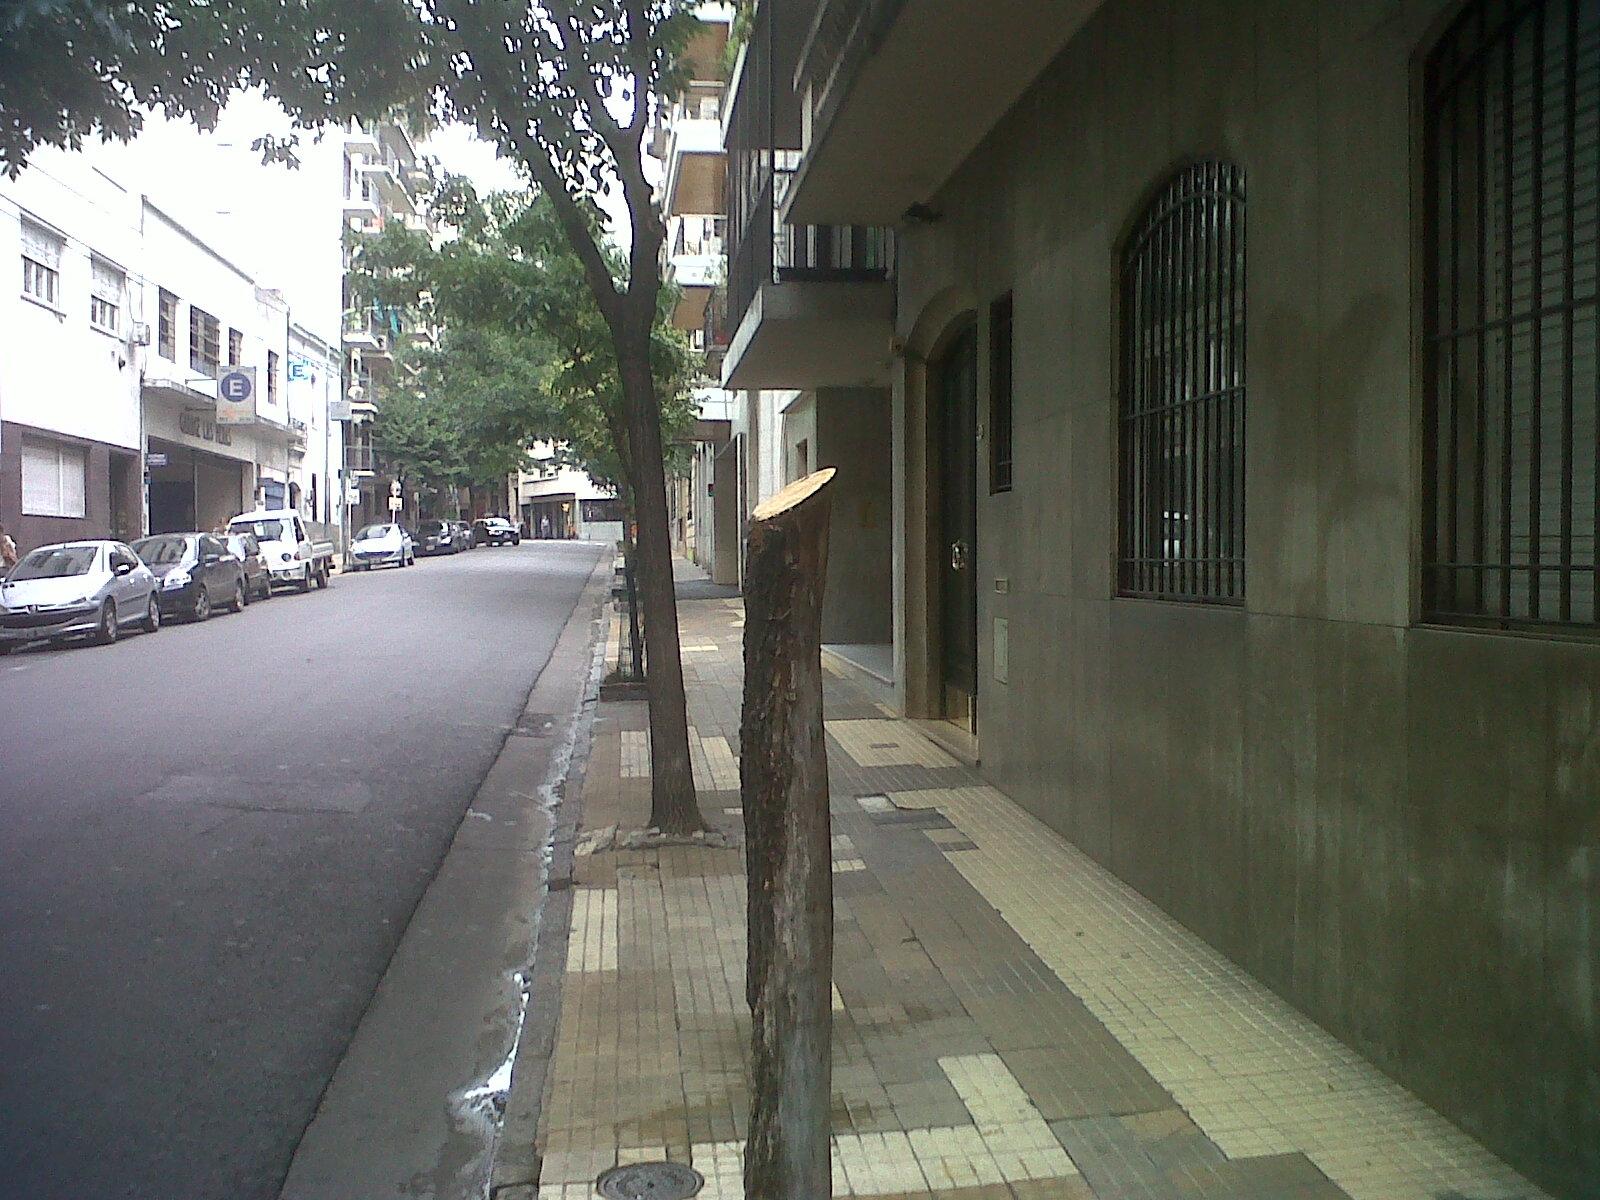 d9cb4d30a LOS ÁRBOLES DE LAS VEREDAS